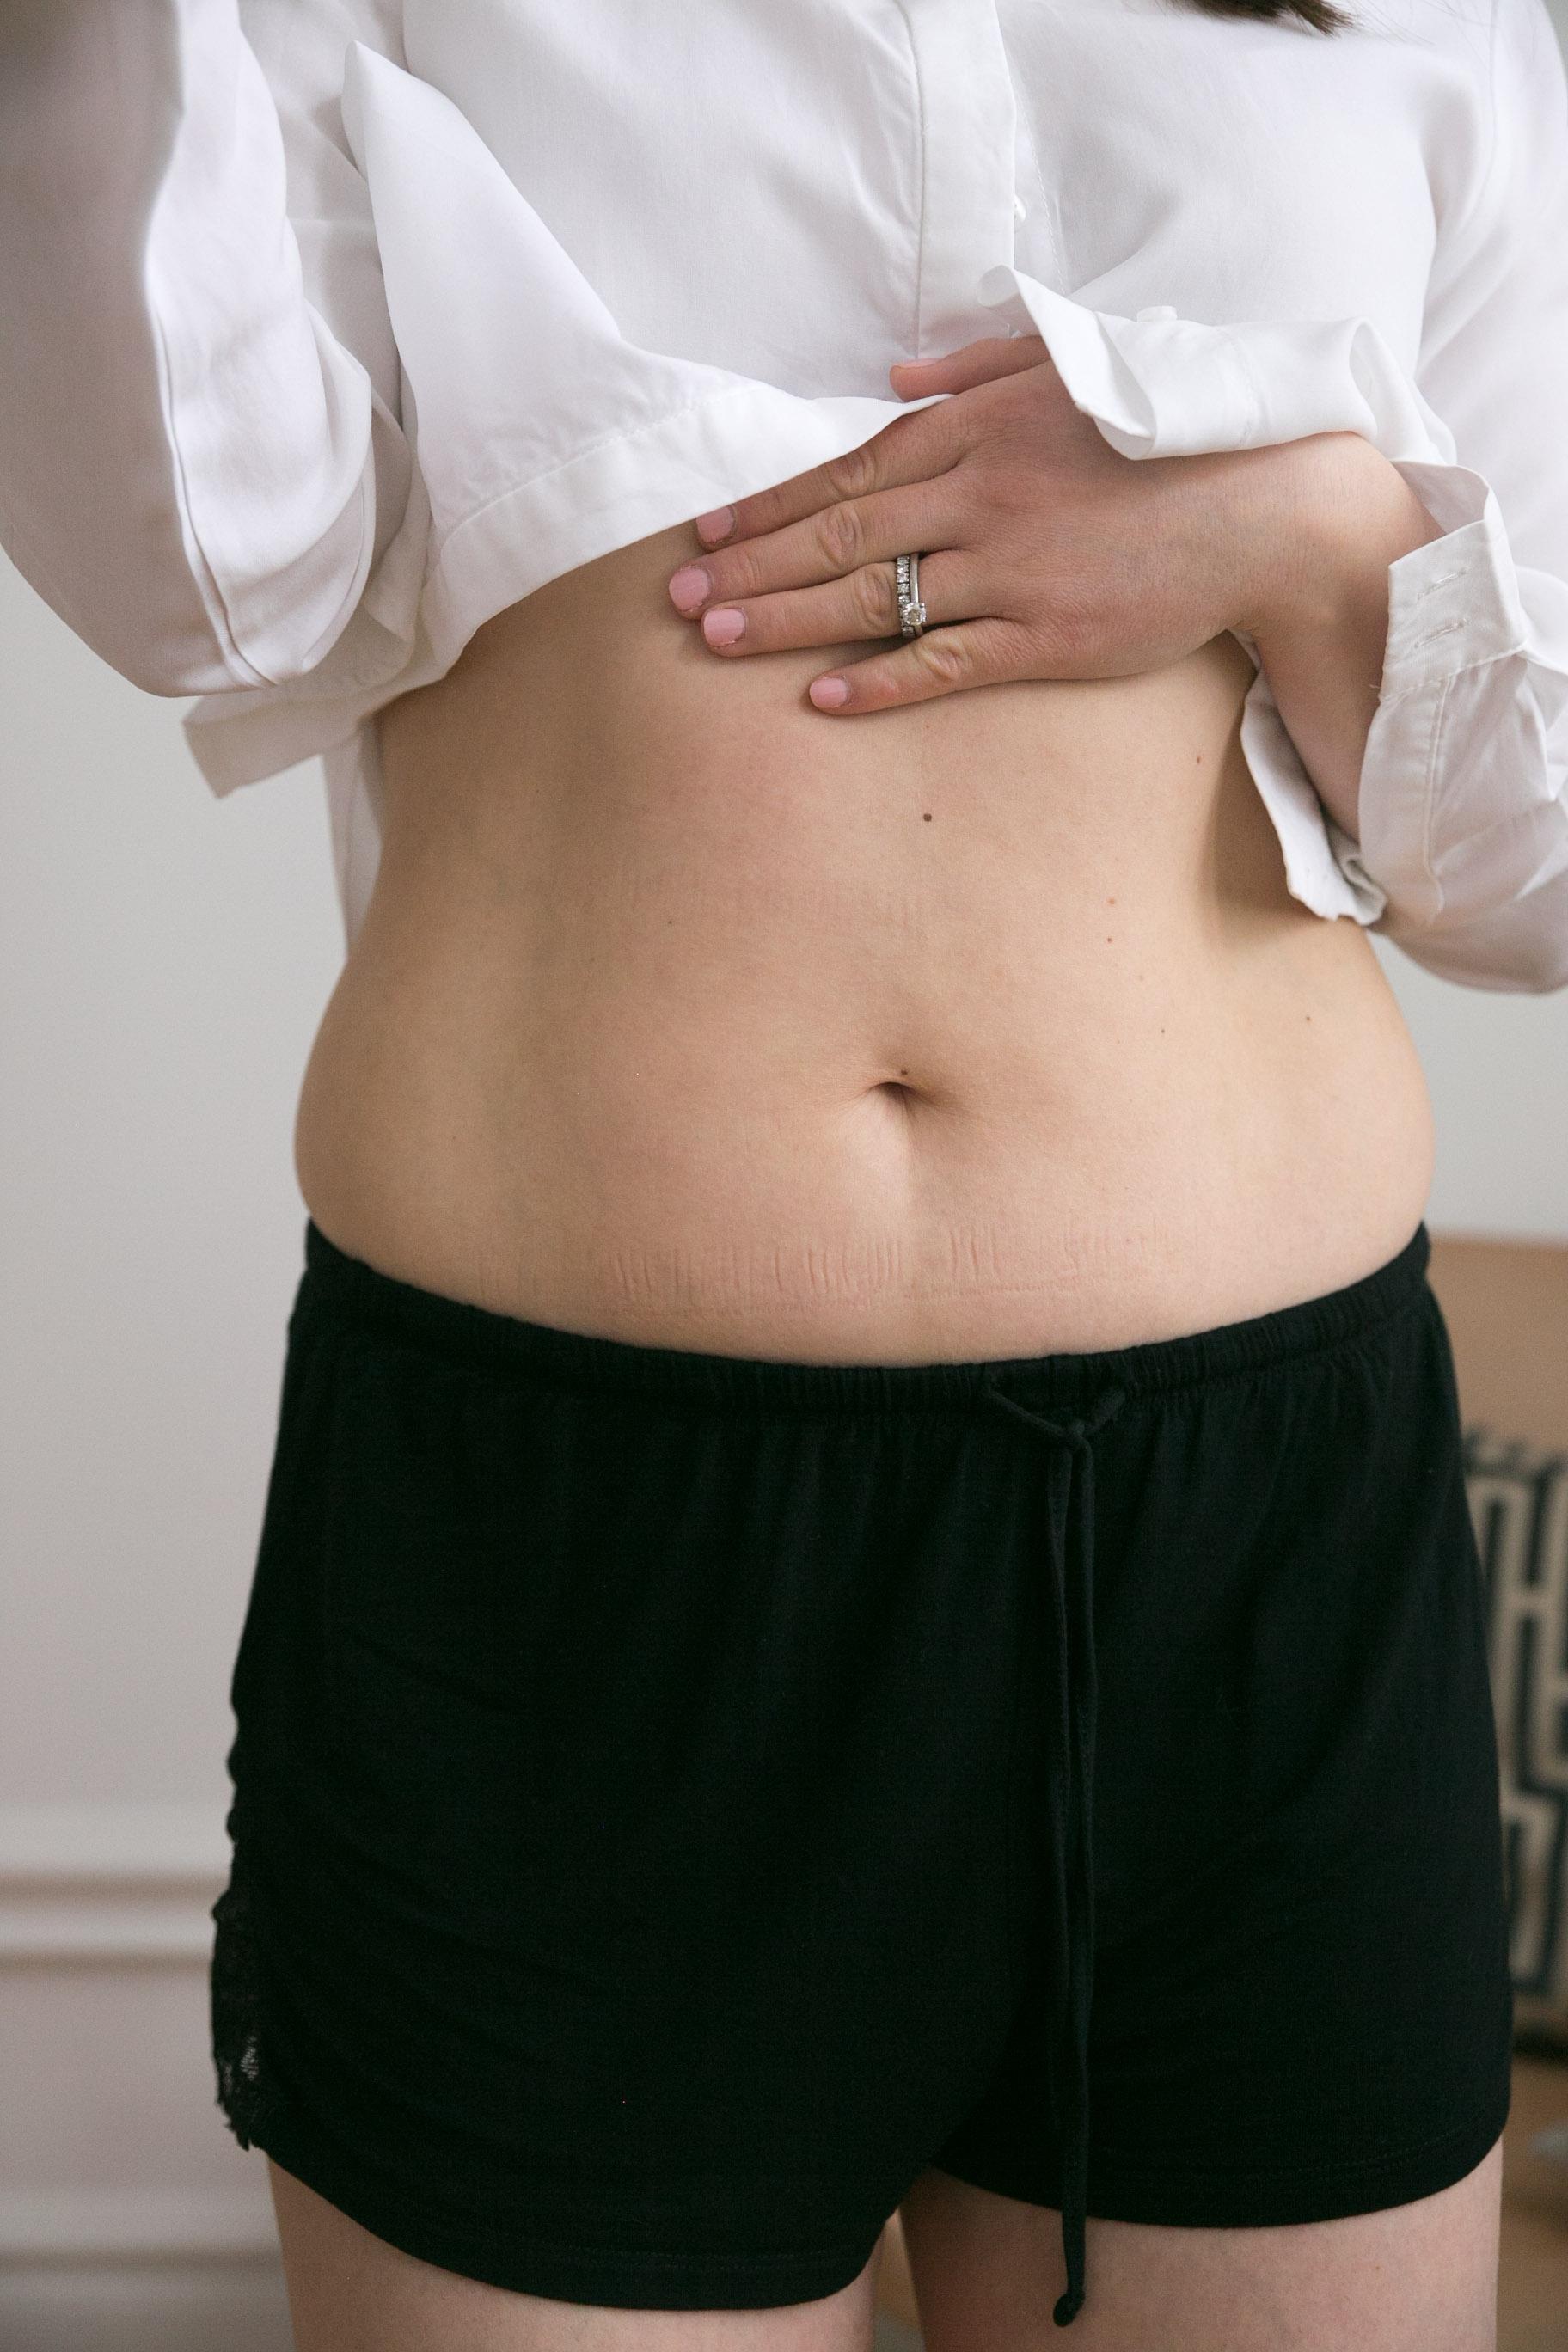 magmuskeldelning efter graviditet magmuskler.jpg